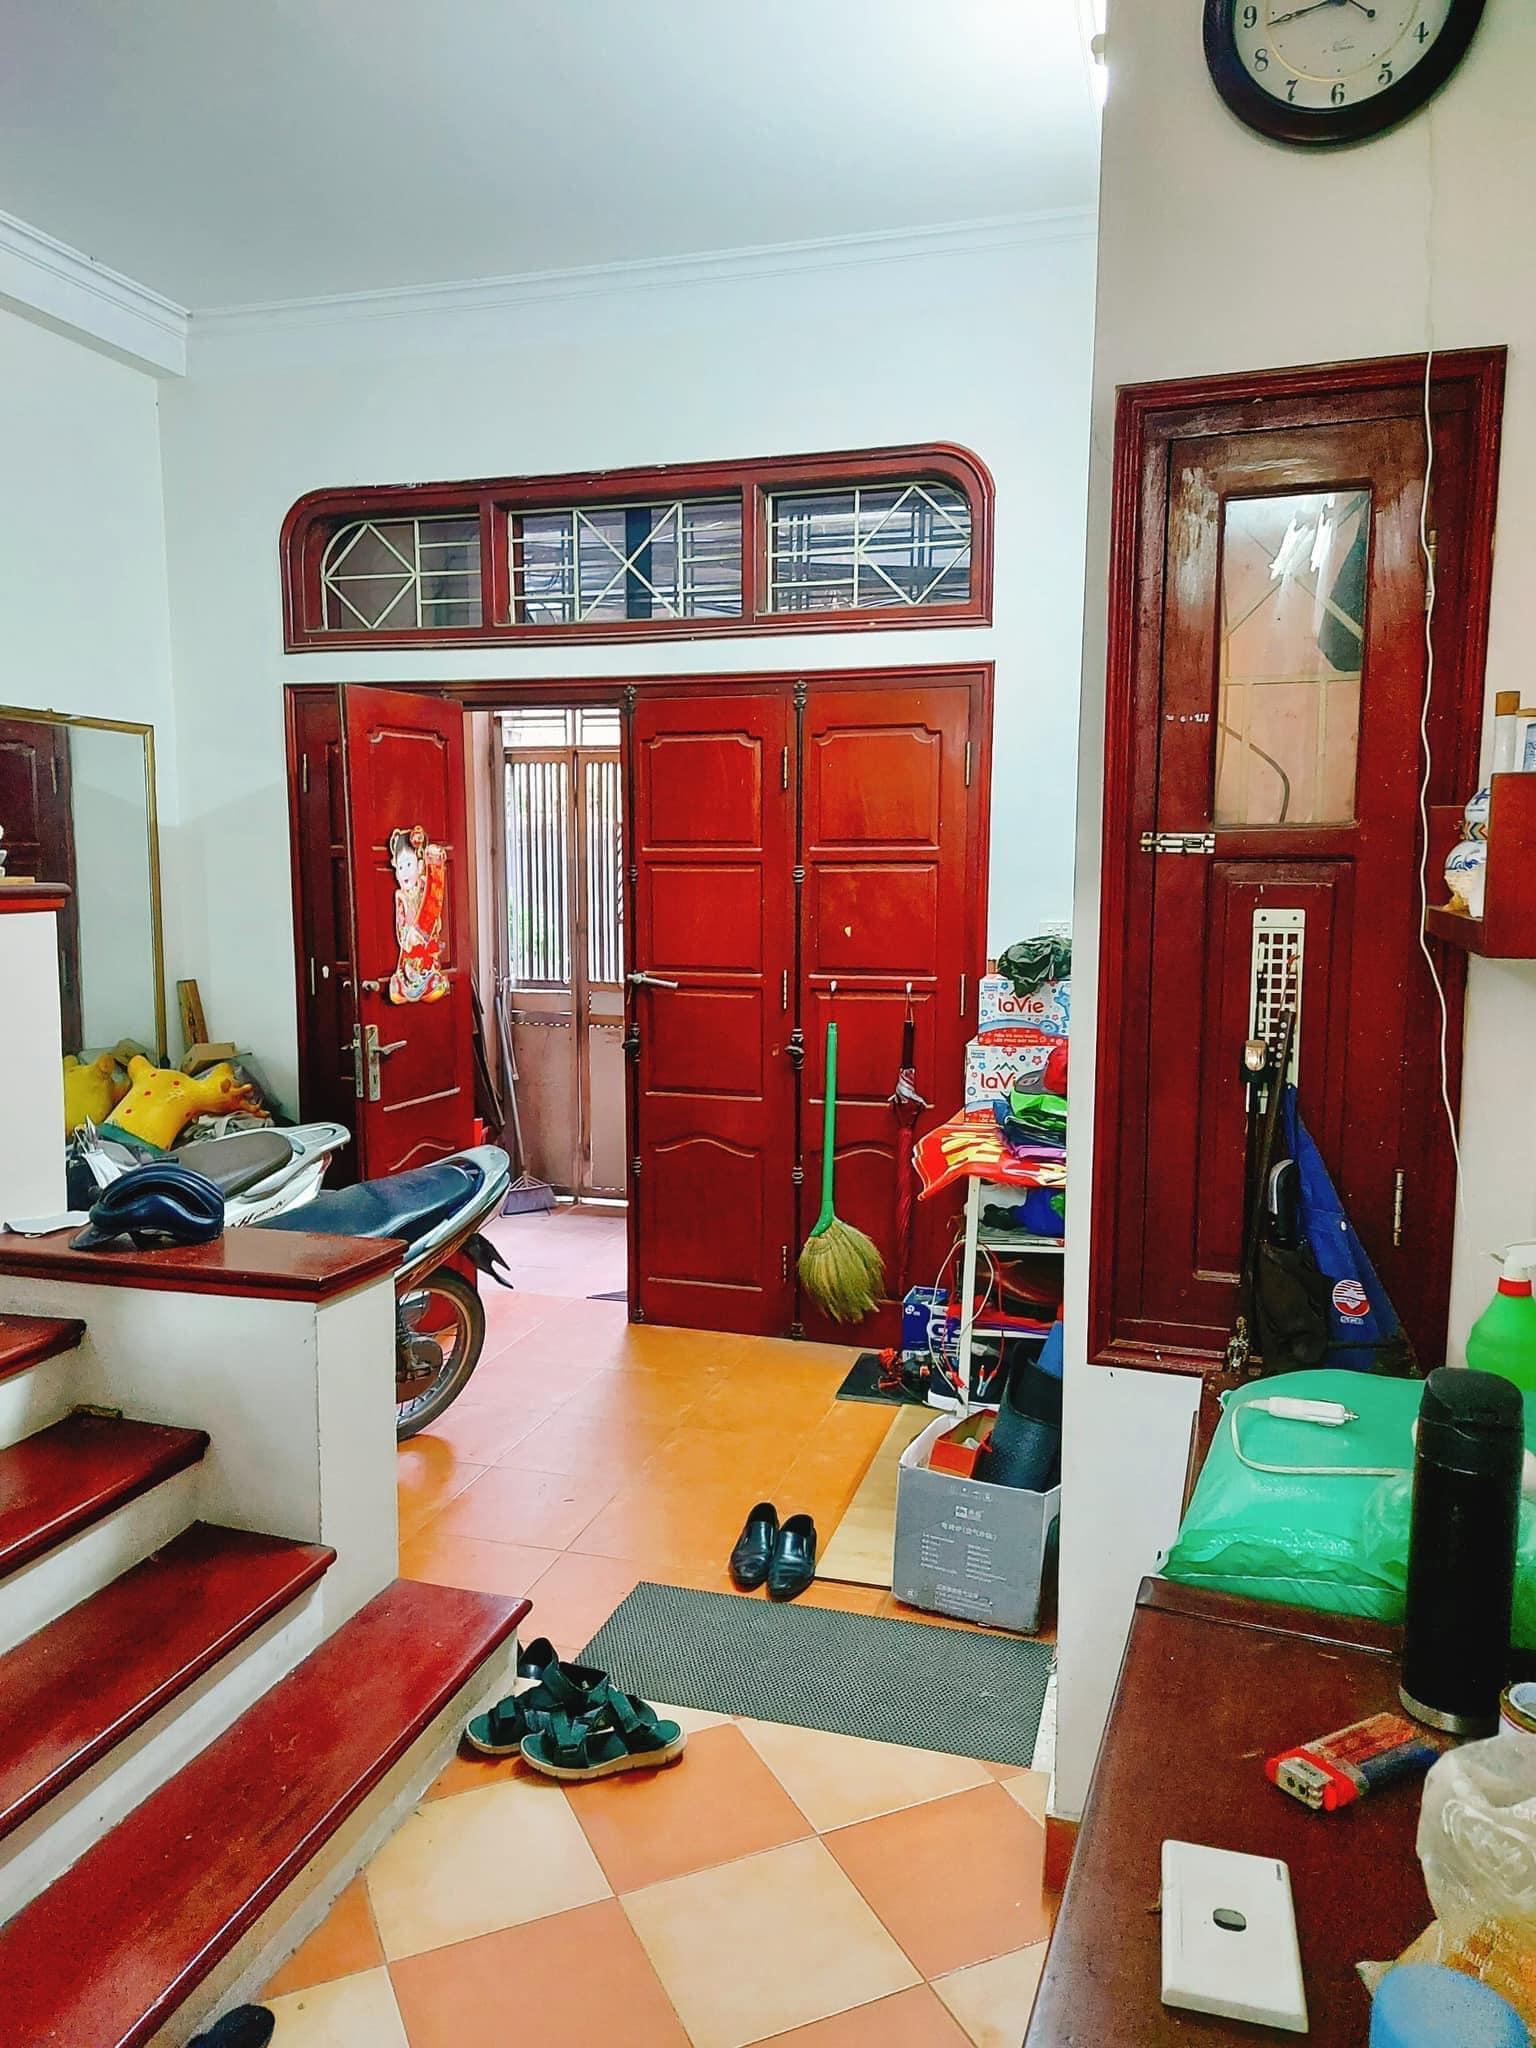 Cần bán Nhà ở, nhà cấp 4, nhà hẻm đường Yên Hòa, Phường Yên Hòa, Diện tích 60m², Giá 6.7 Tỷ - LH: 0852343968